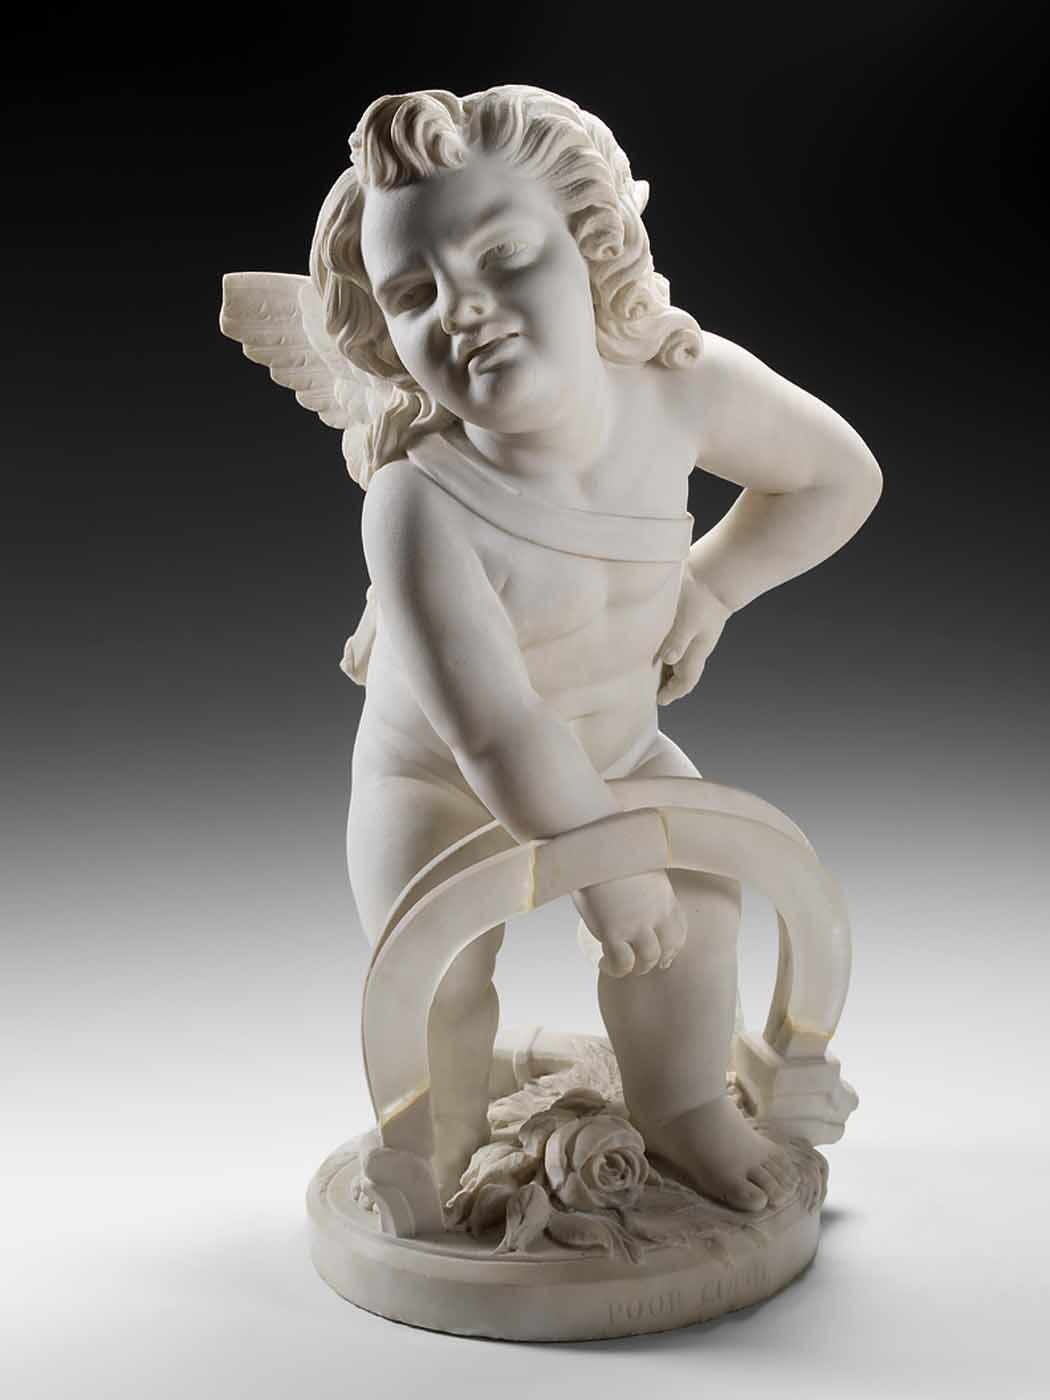 hoạ-sĩ-nổi-tiếng-9a-Poor-Cupid-1876-elleman